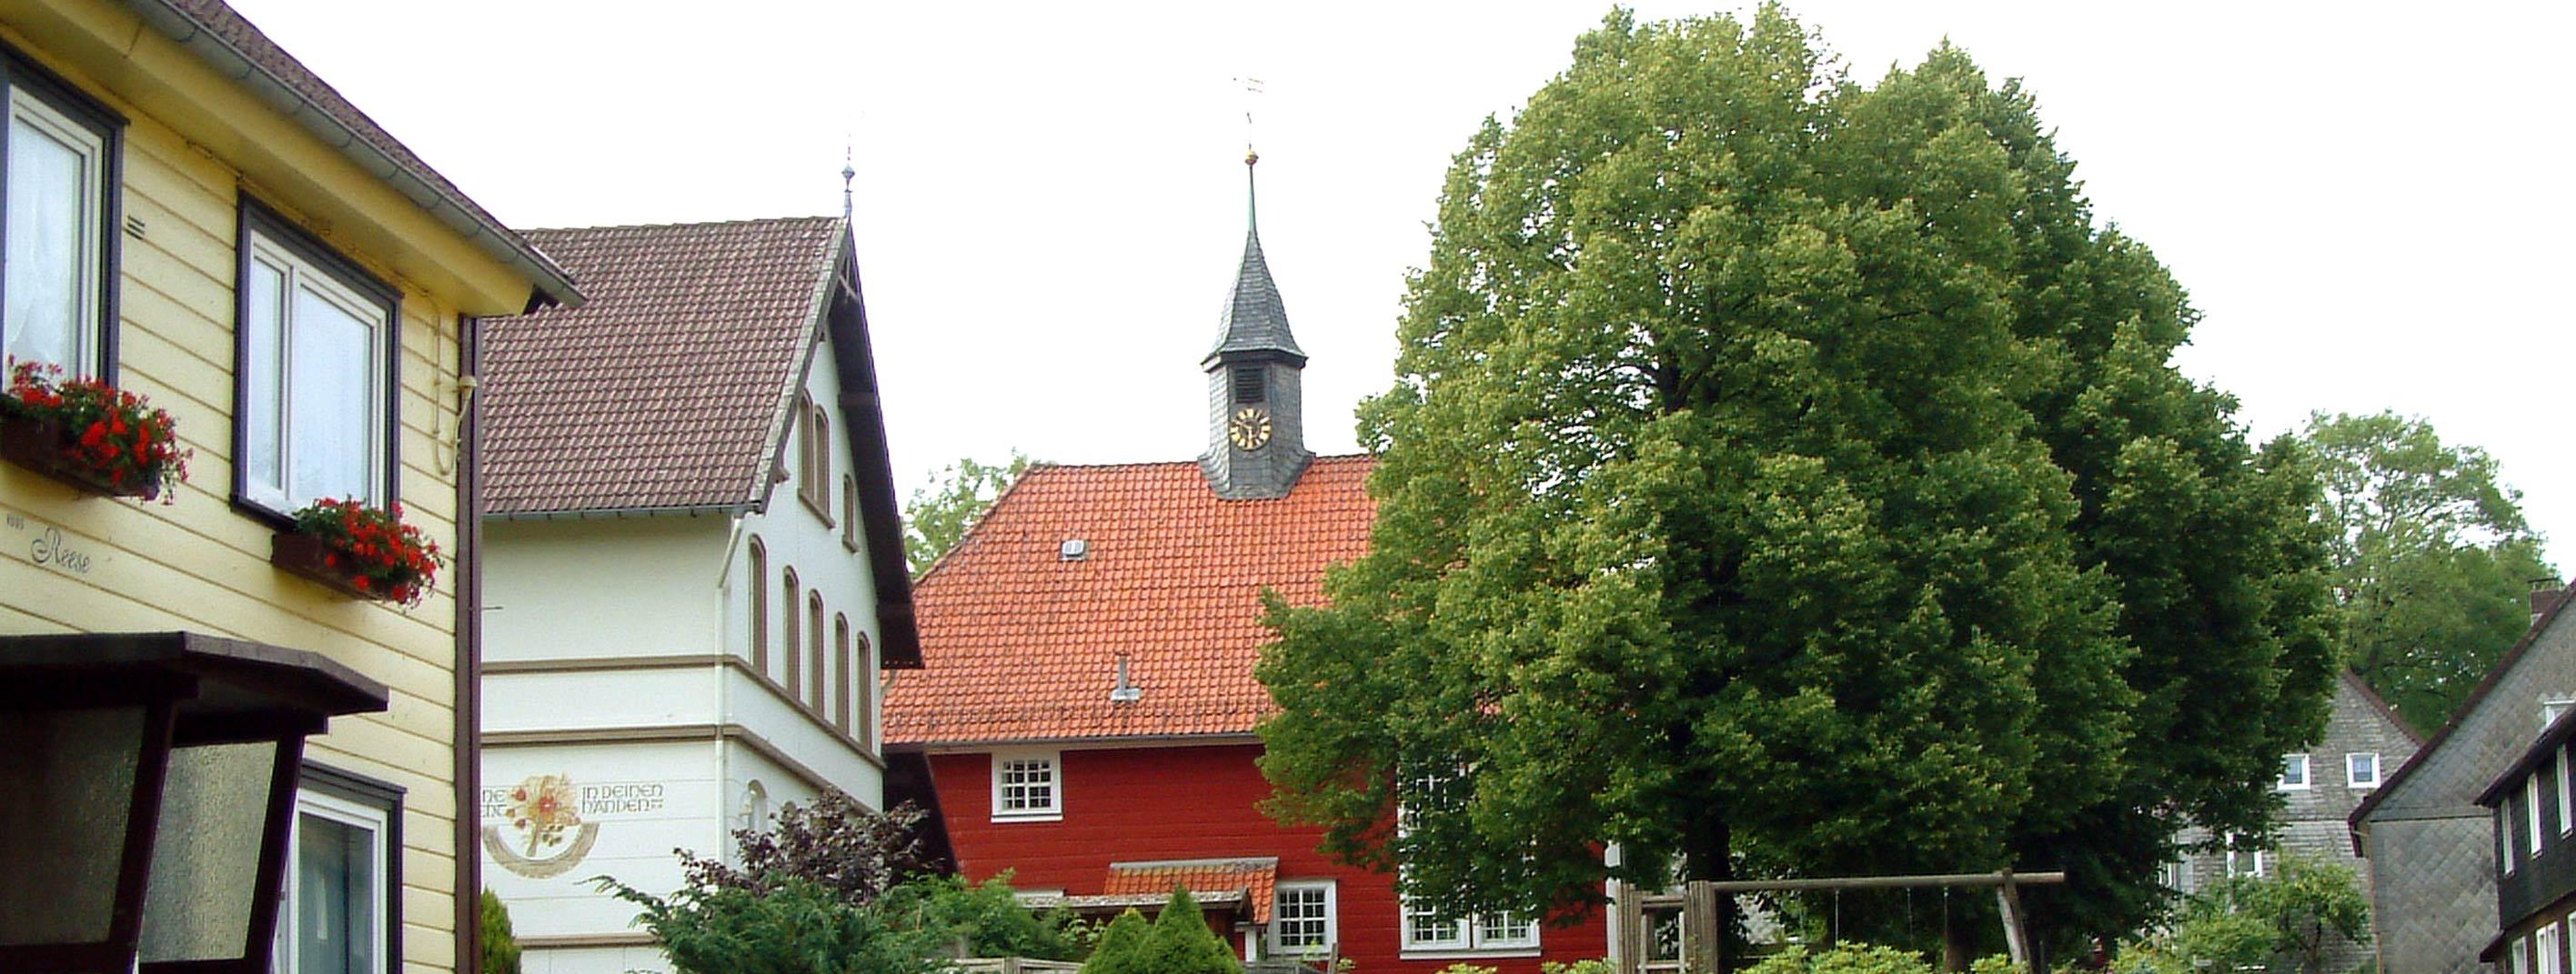 Foto Dorfkirche Buntenbock im Harz